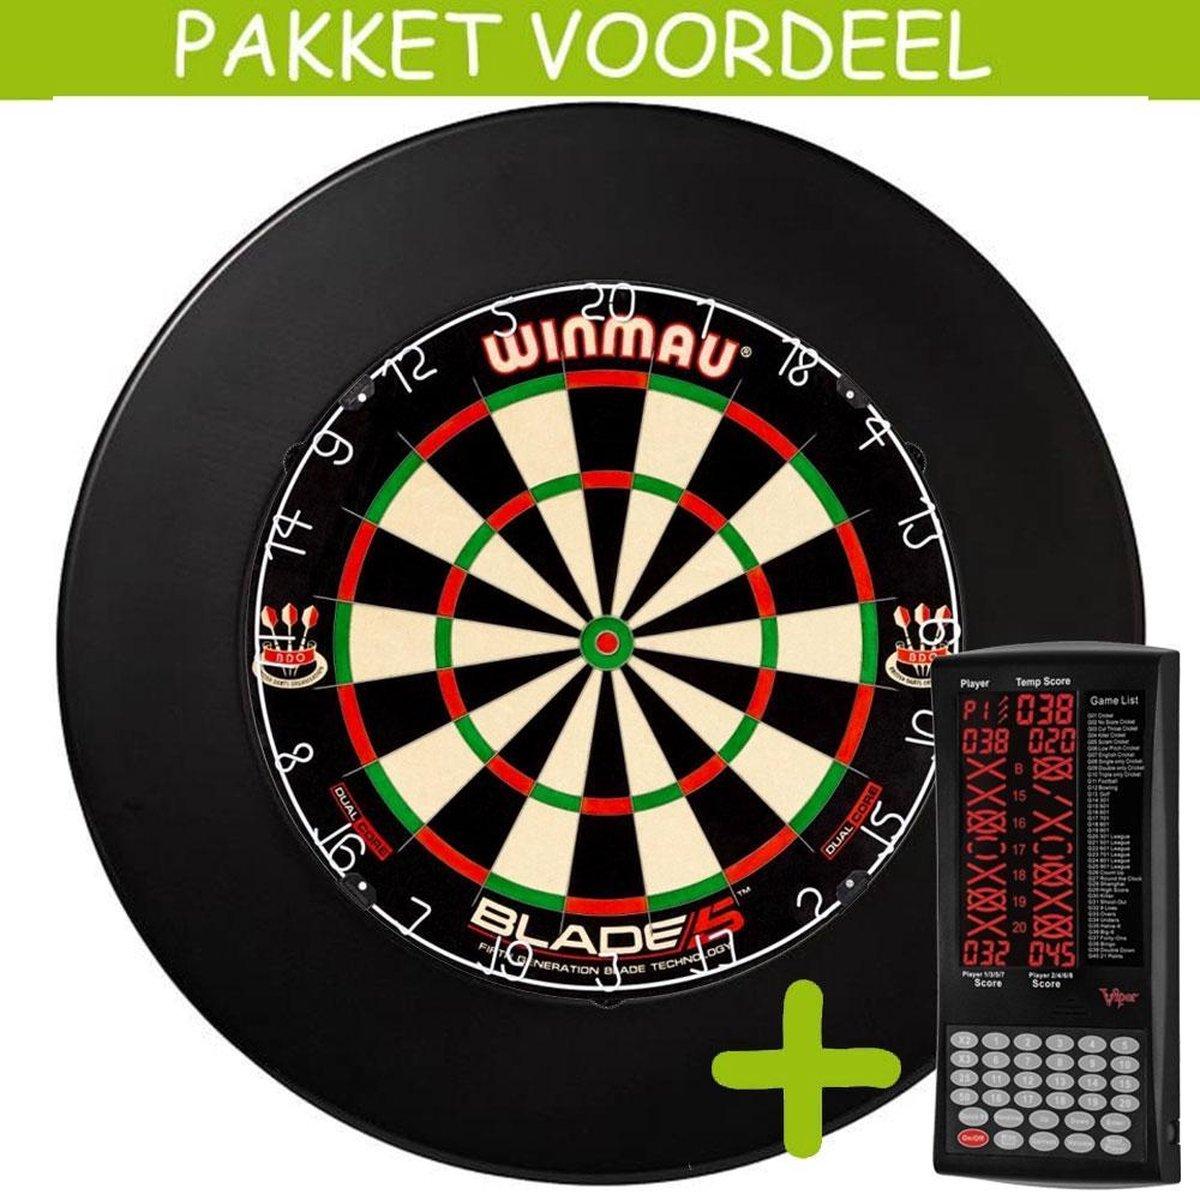 Elektronisch Dart Scorebord VoordeelPakket (Viper ) - Dual Core - Rubberen Surround (Zwart)